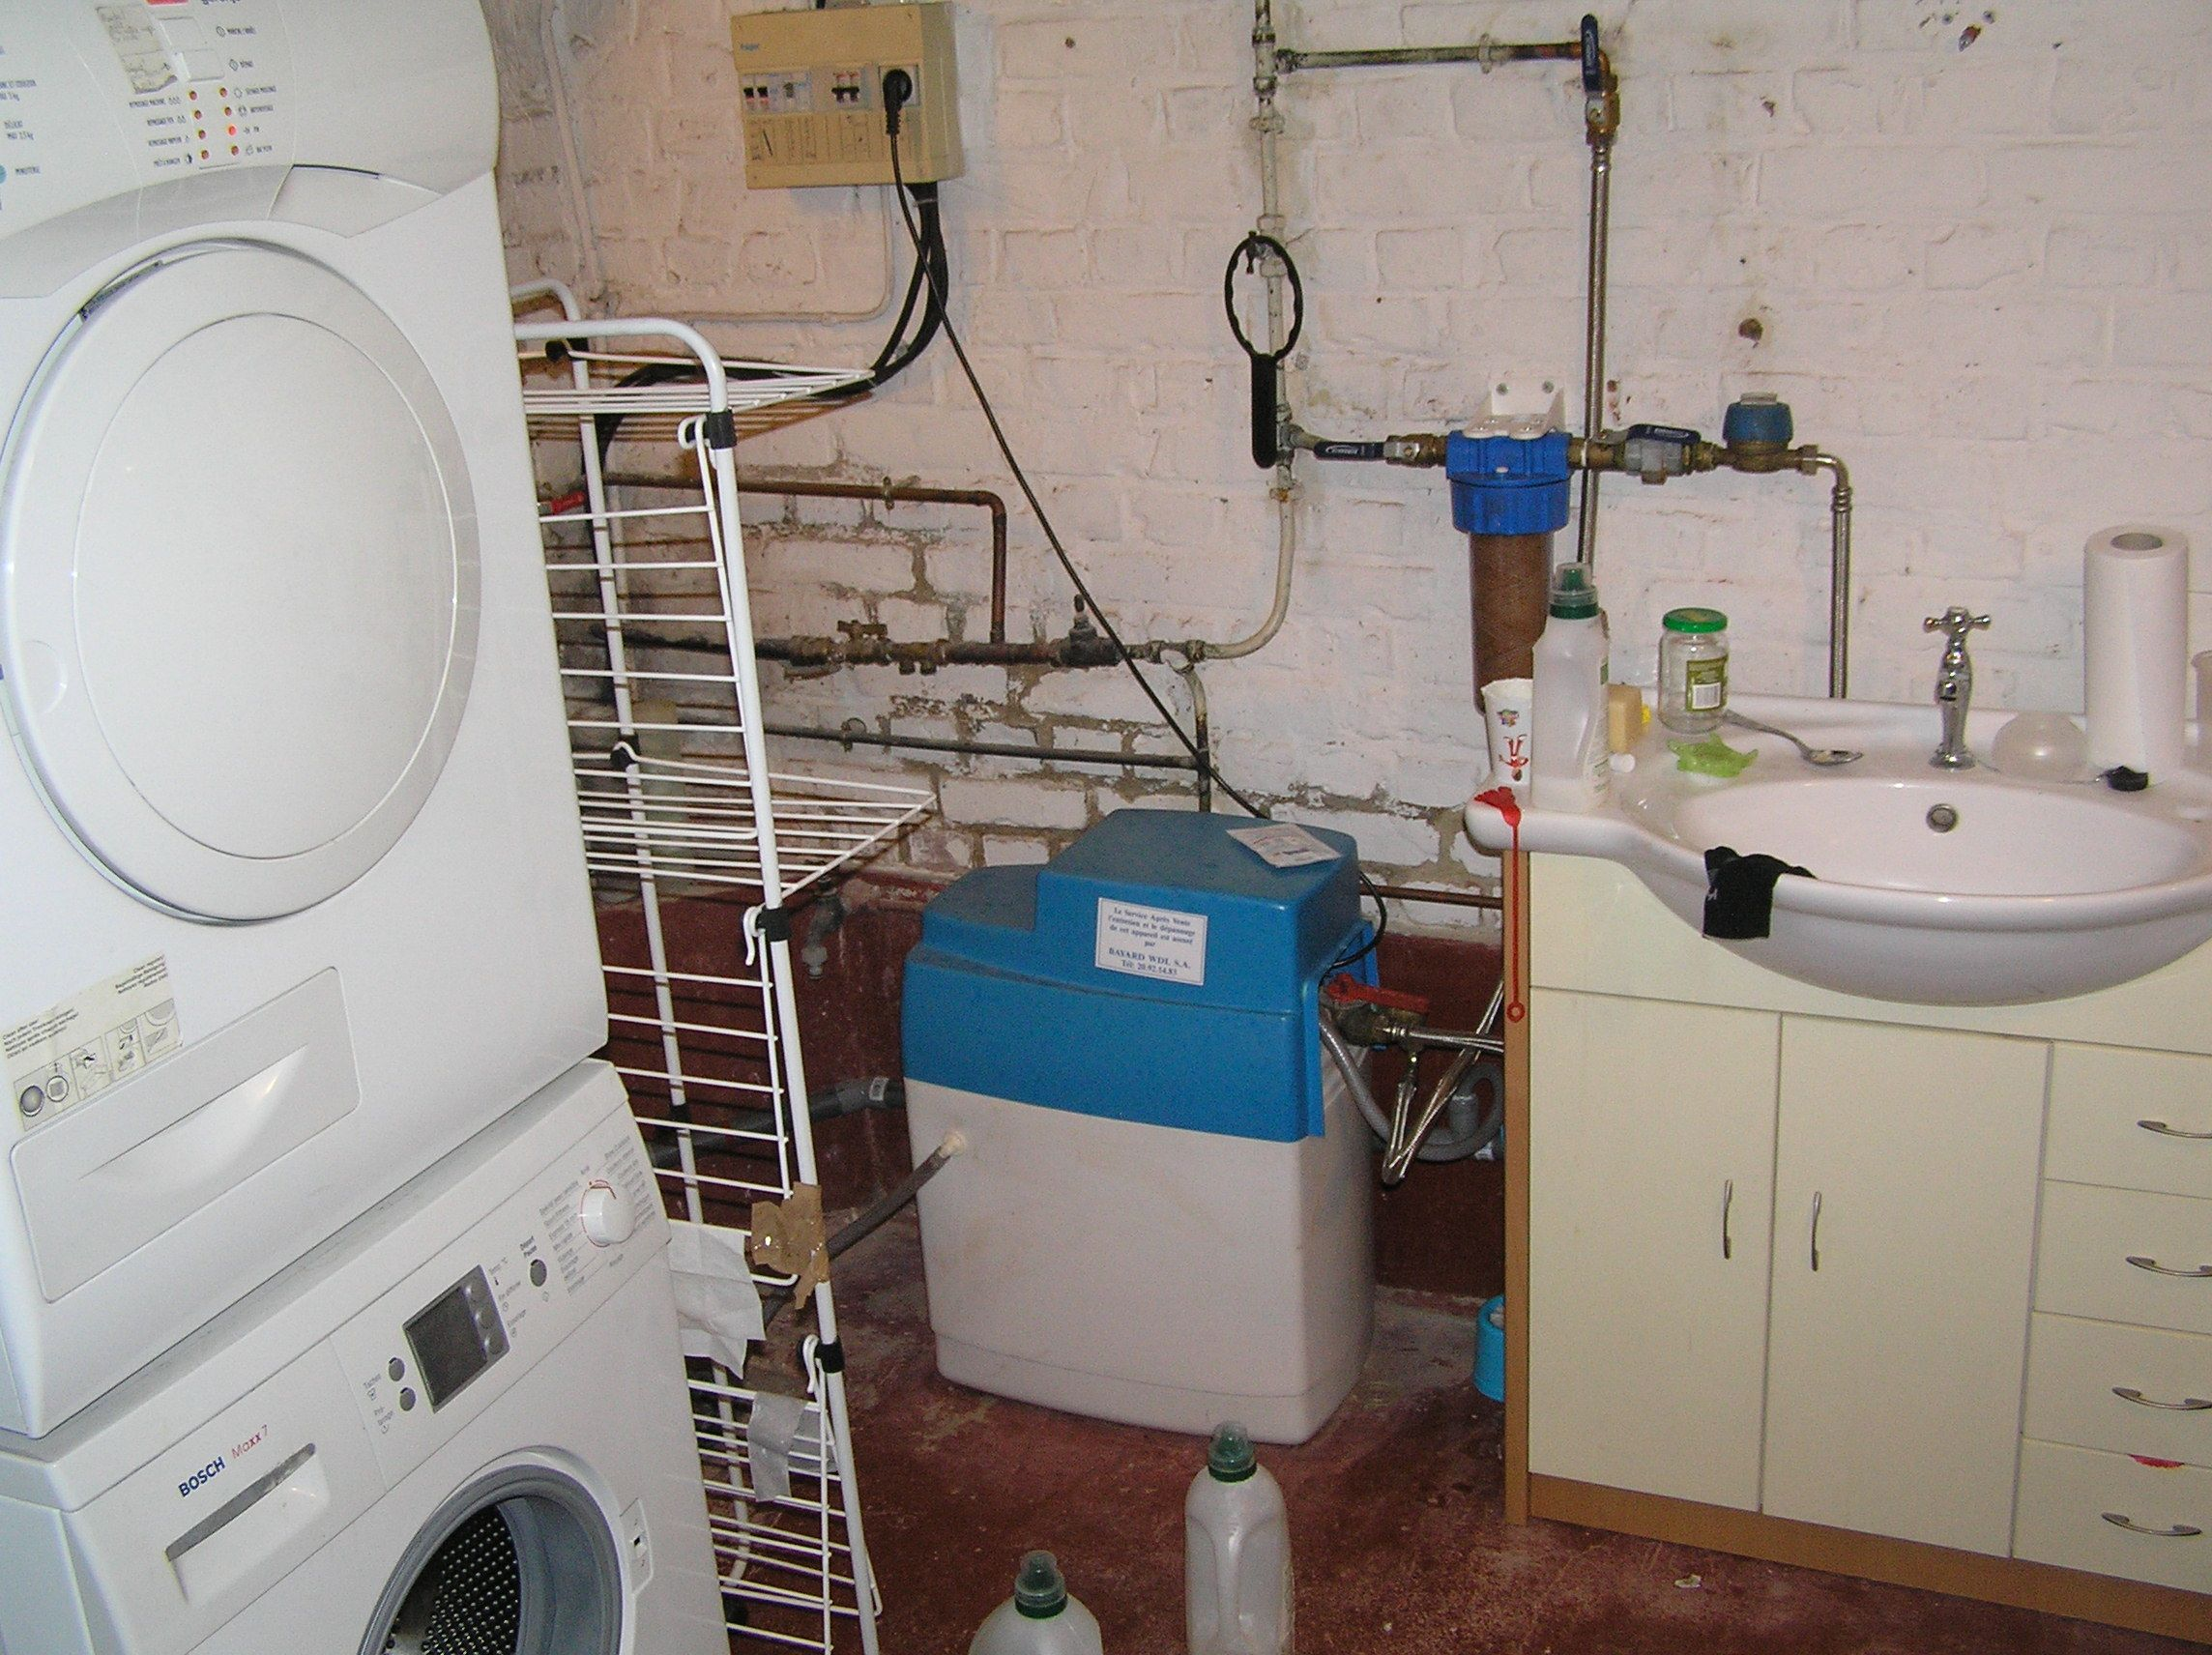 Sous sol espace buanderie maison en vente quartier nouveau roubaix sanbai photos - Sol buanderie ...